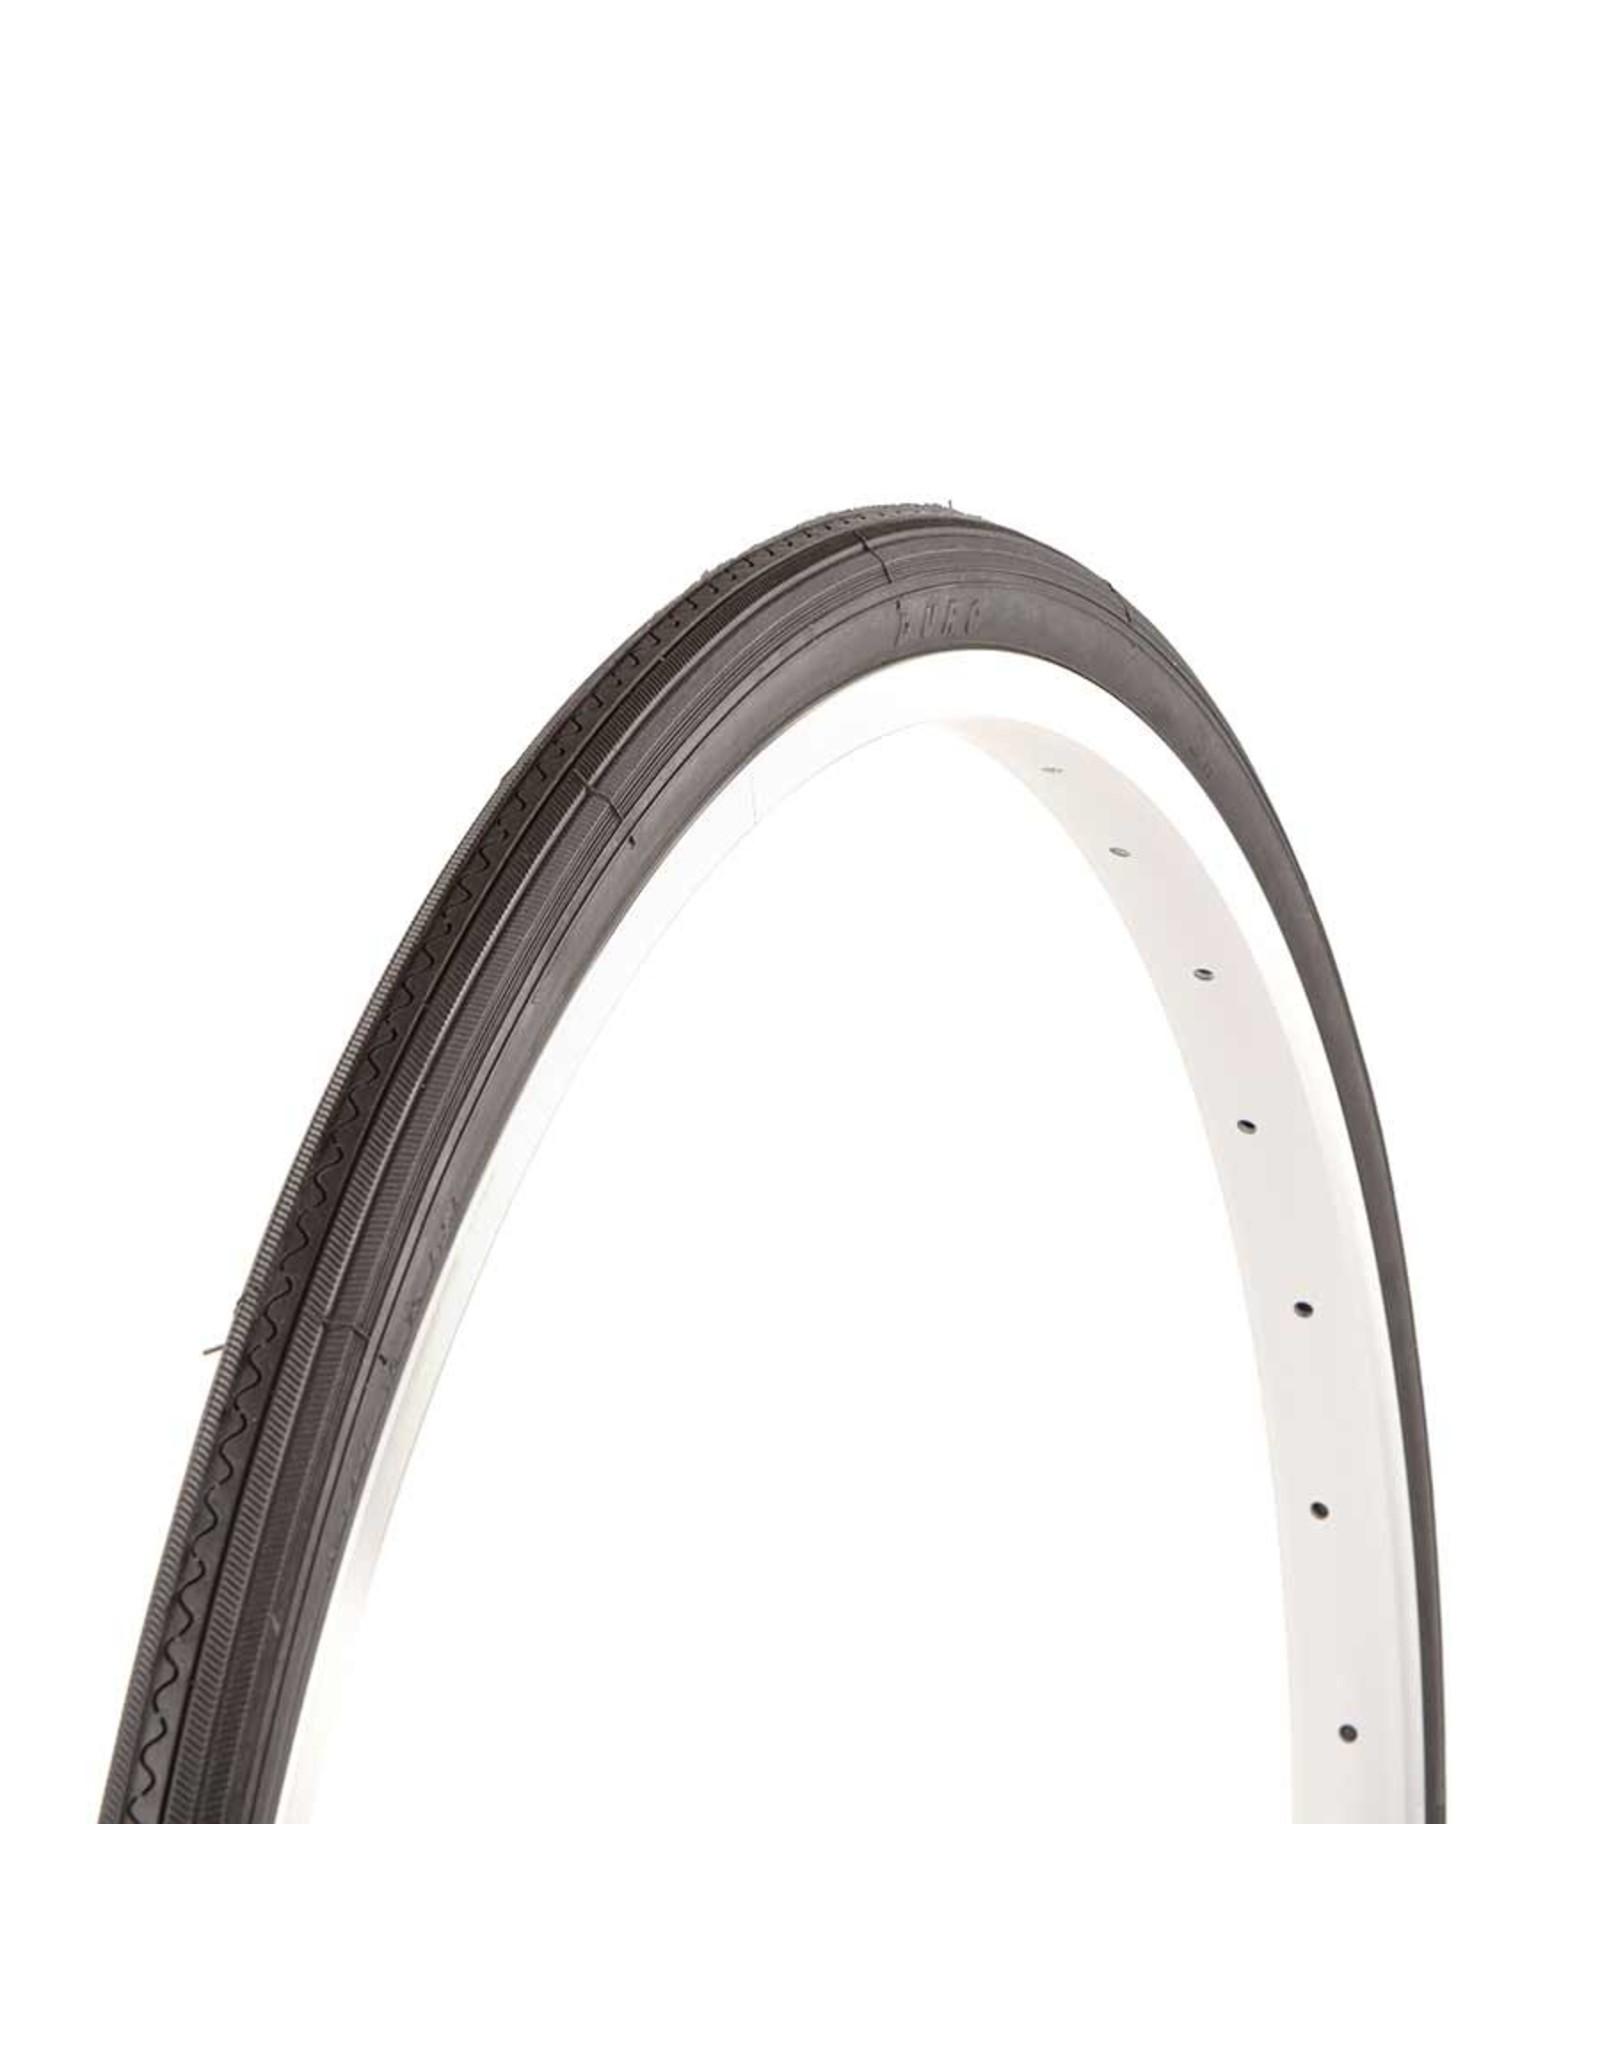 EVO EVO, Dash, Tire, 26''x1-3/8, Wire, Clincher, Black